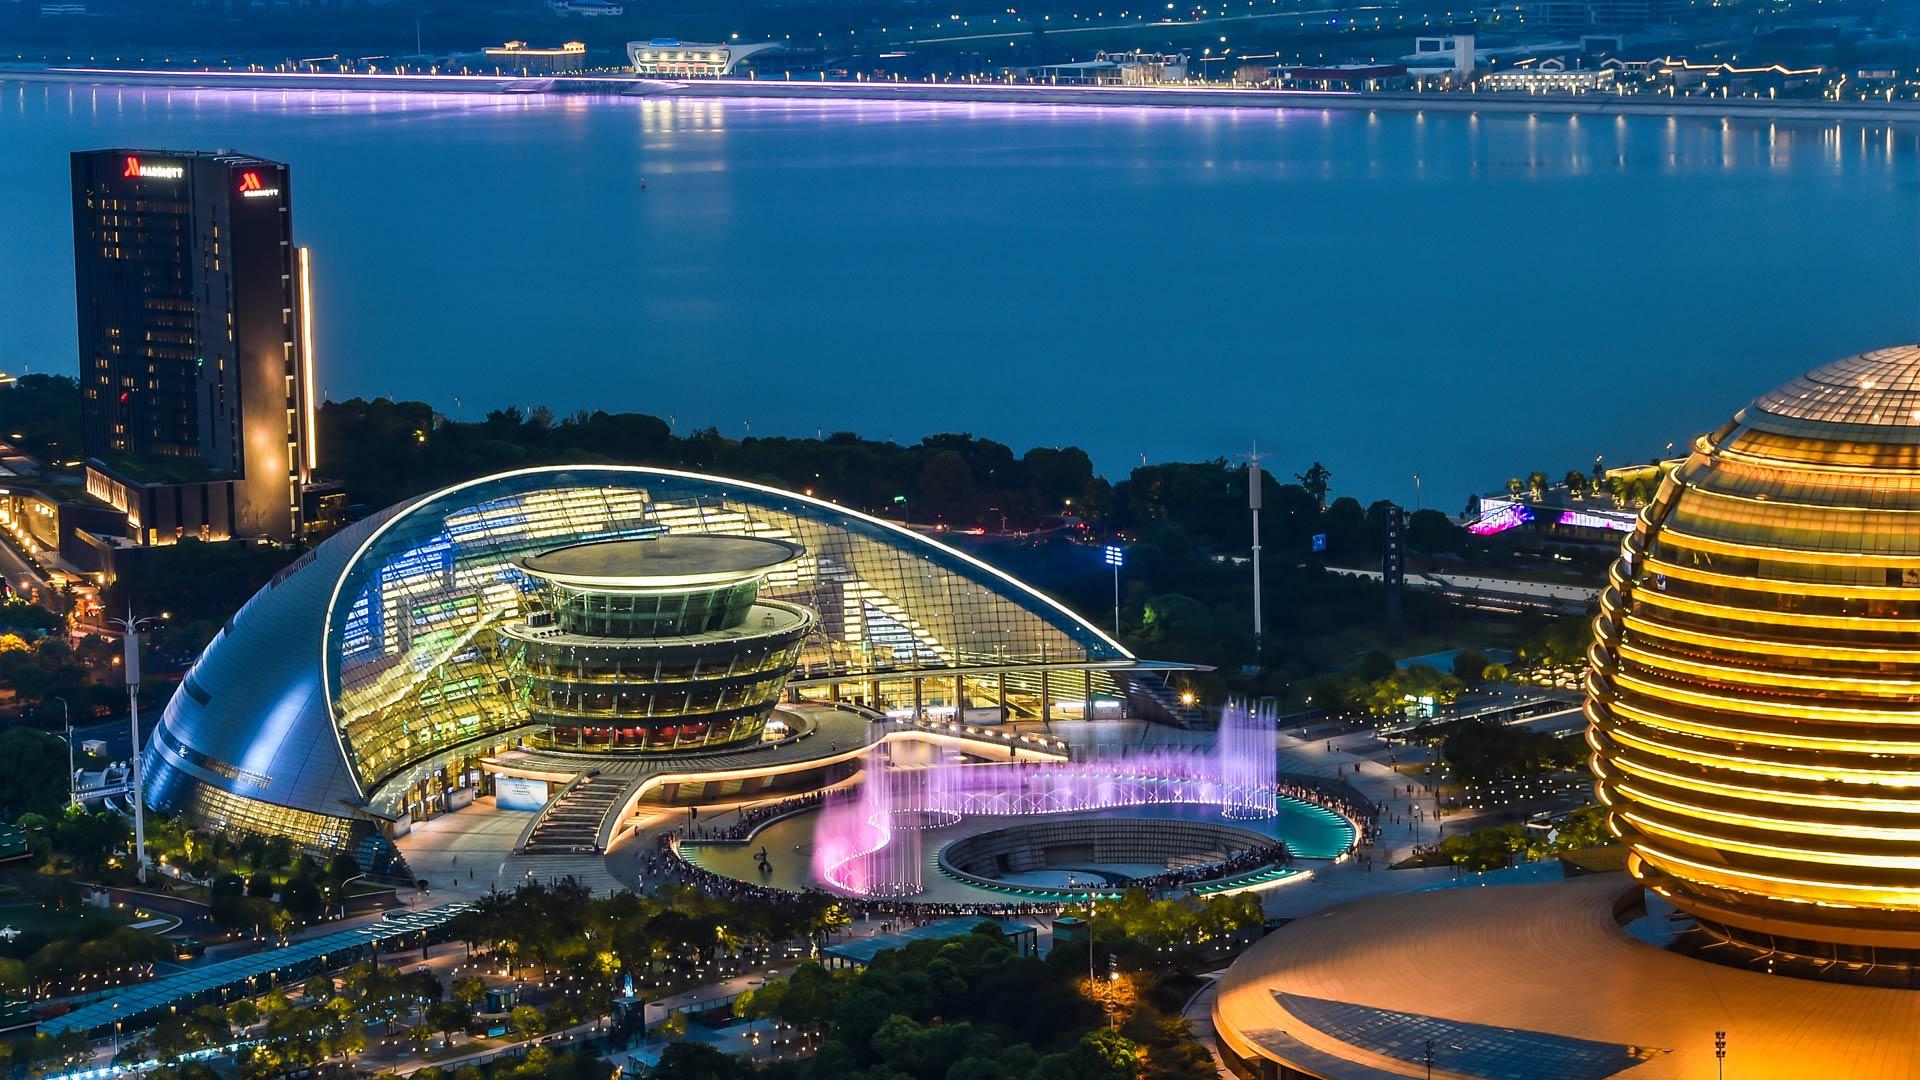 G20杭州峰会,杭州夜色柔美,灯光璀璨